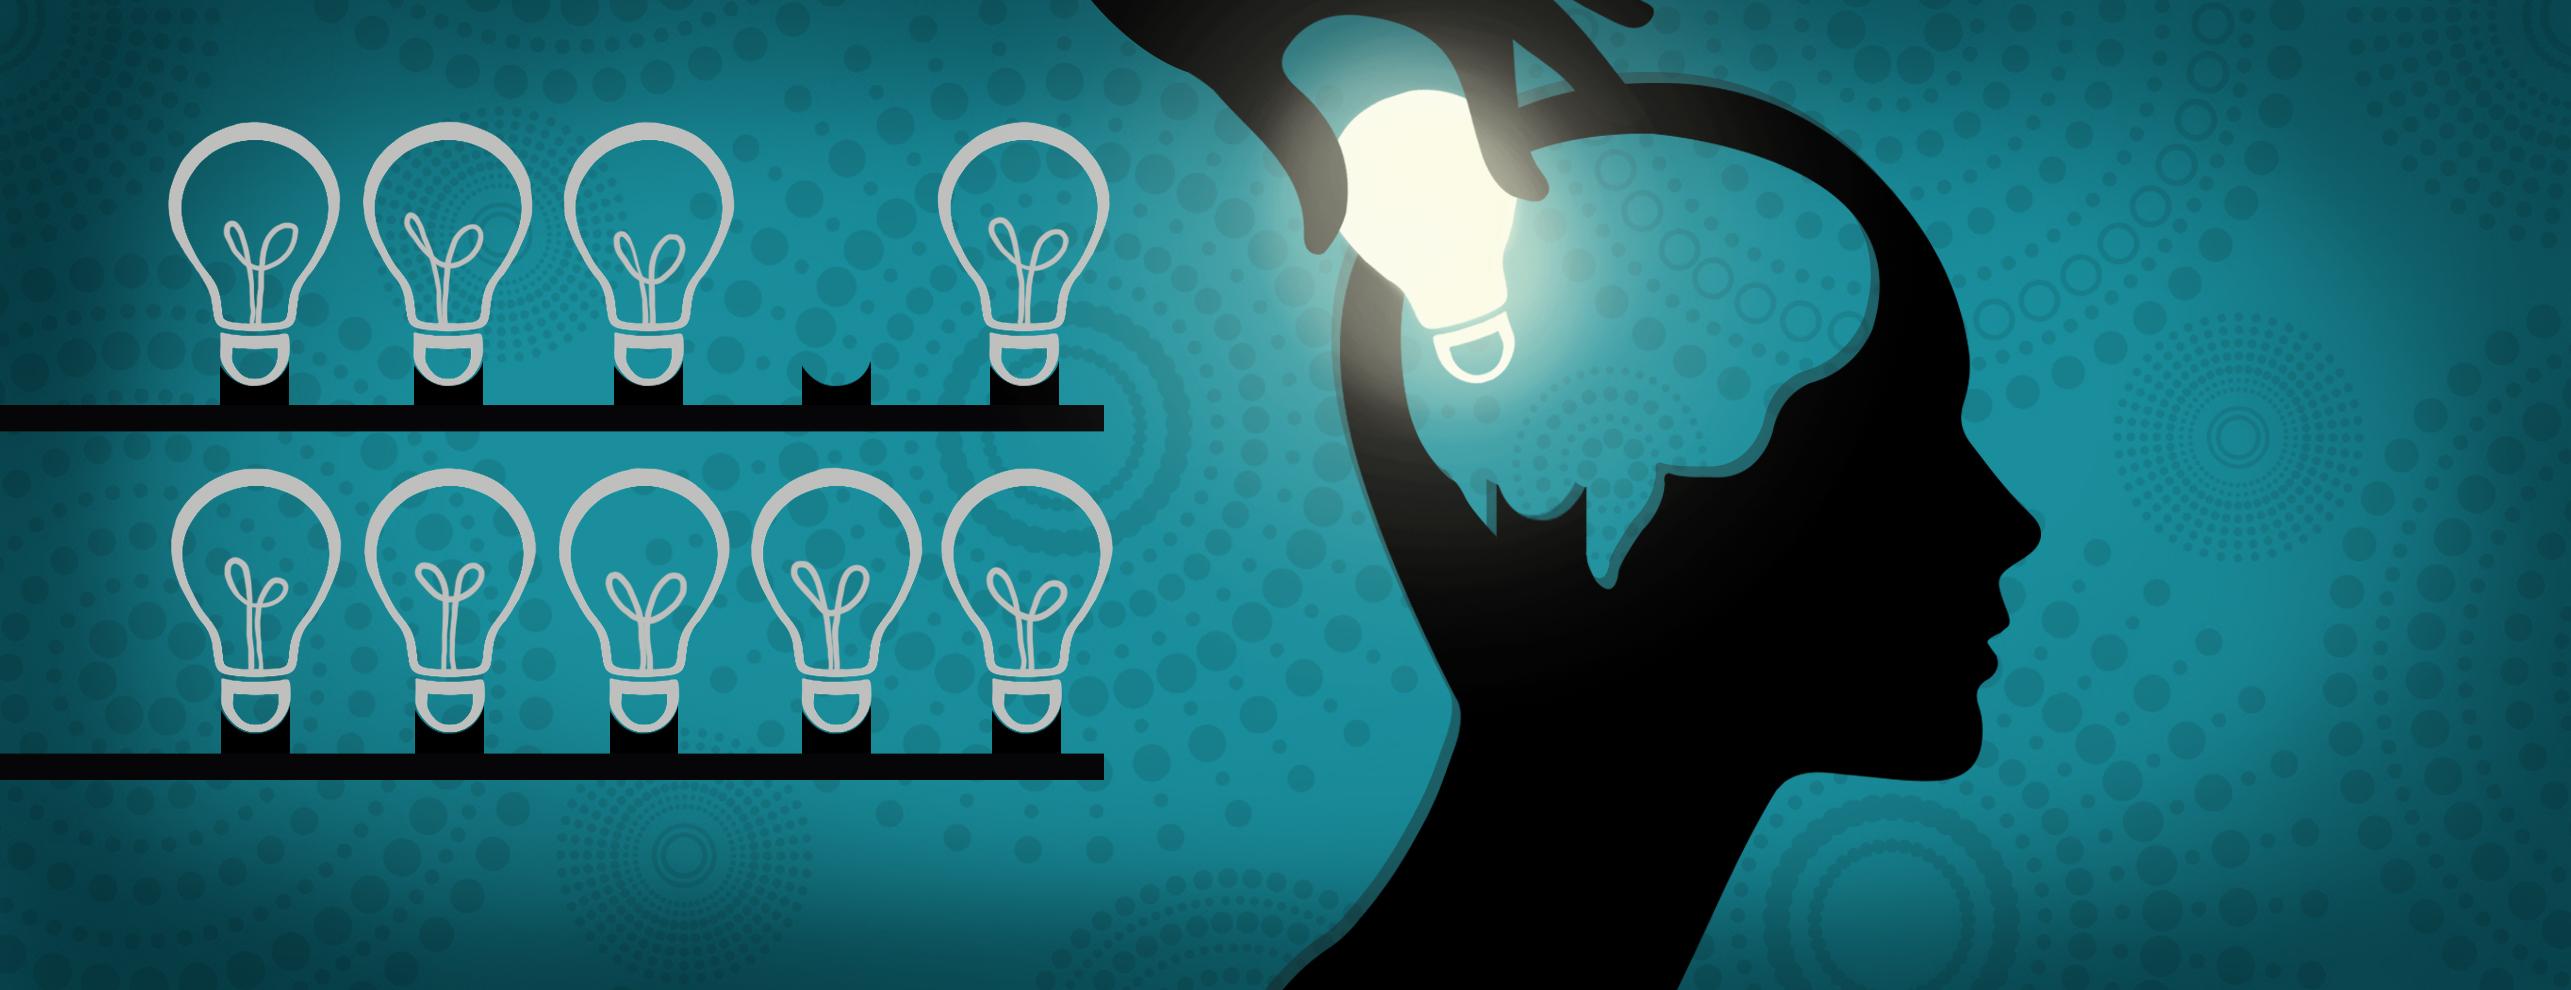 Blogbeitrag: Schluss mit dem Ideenklau